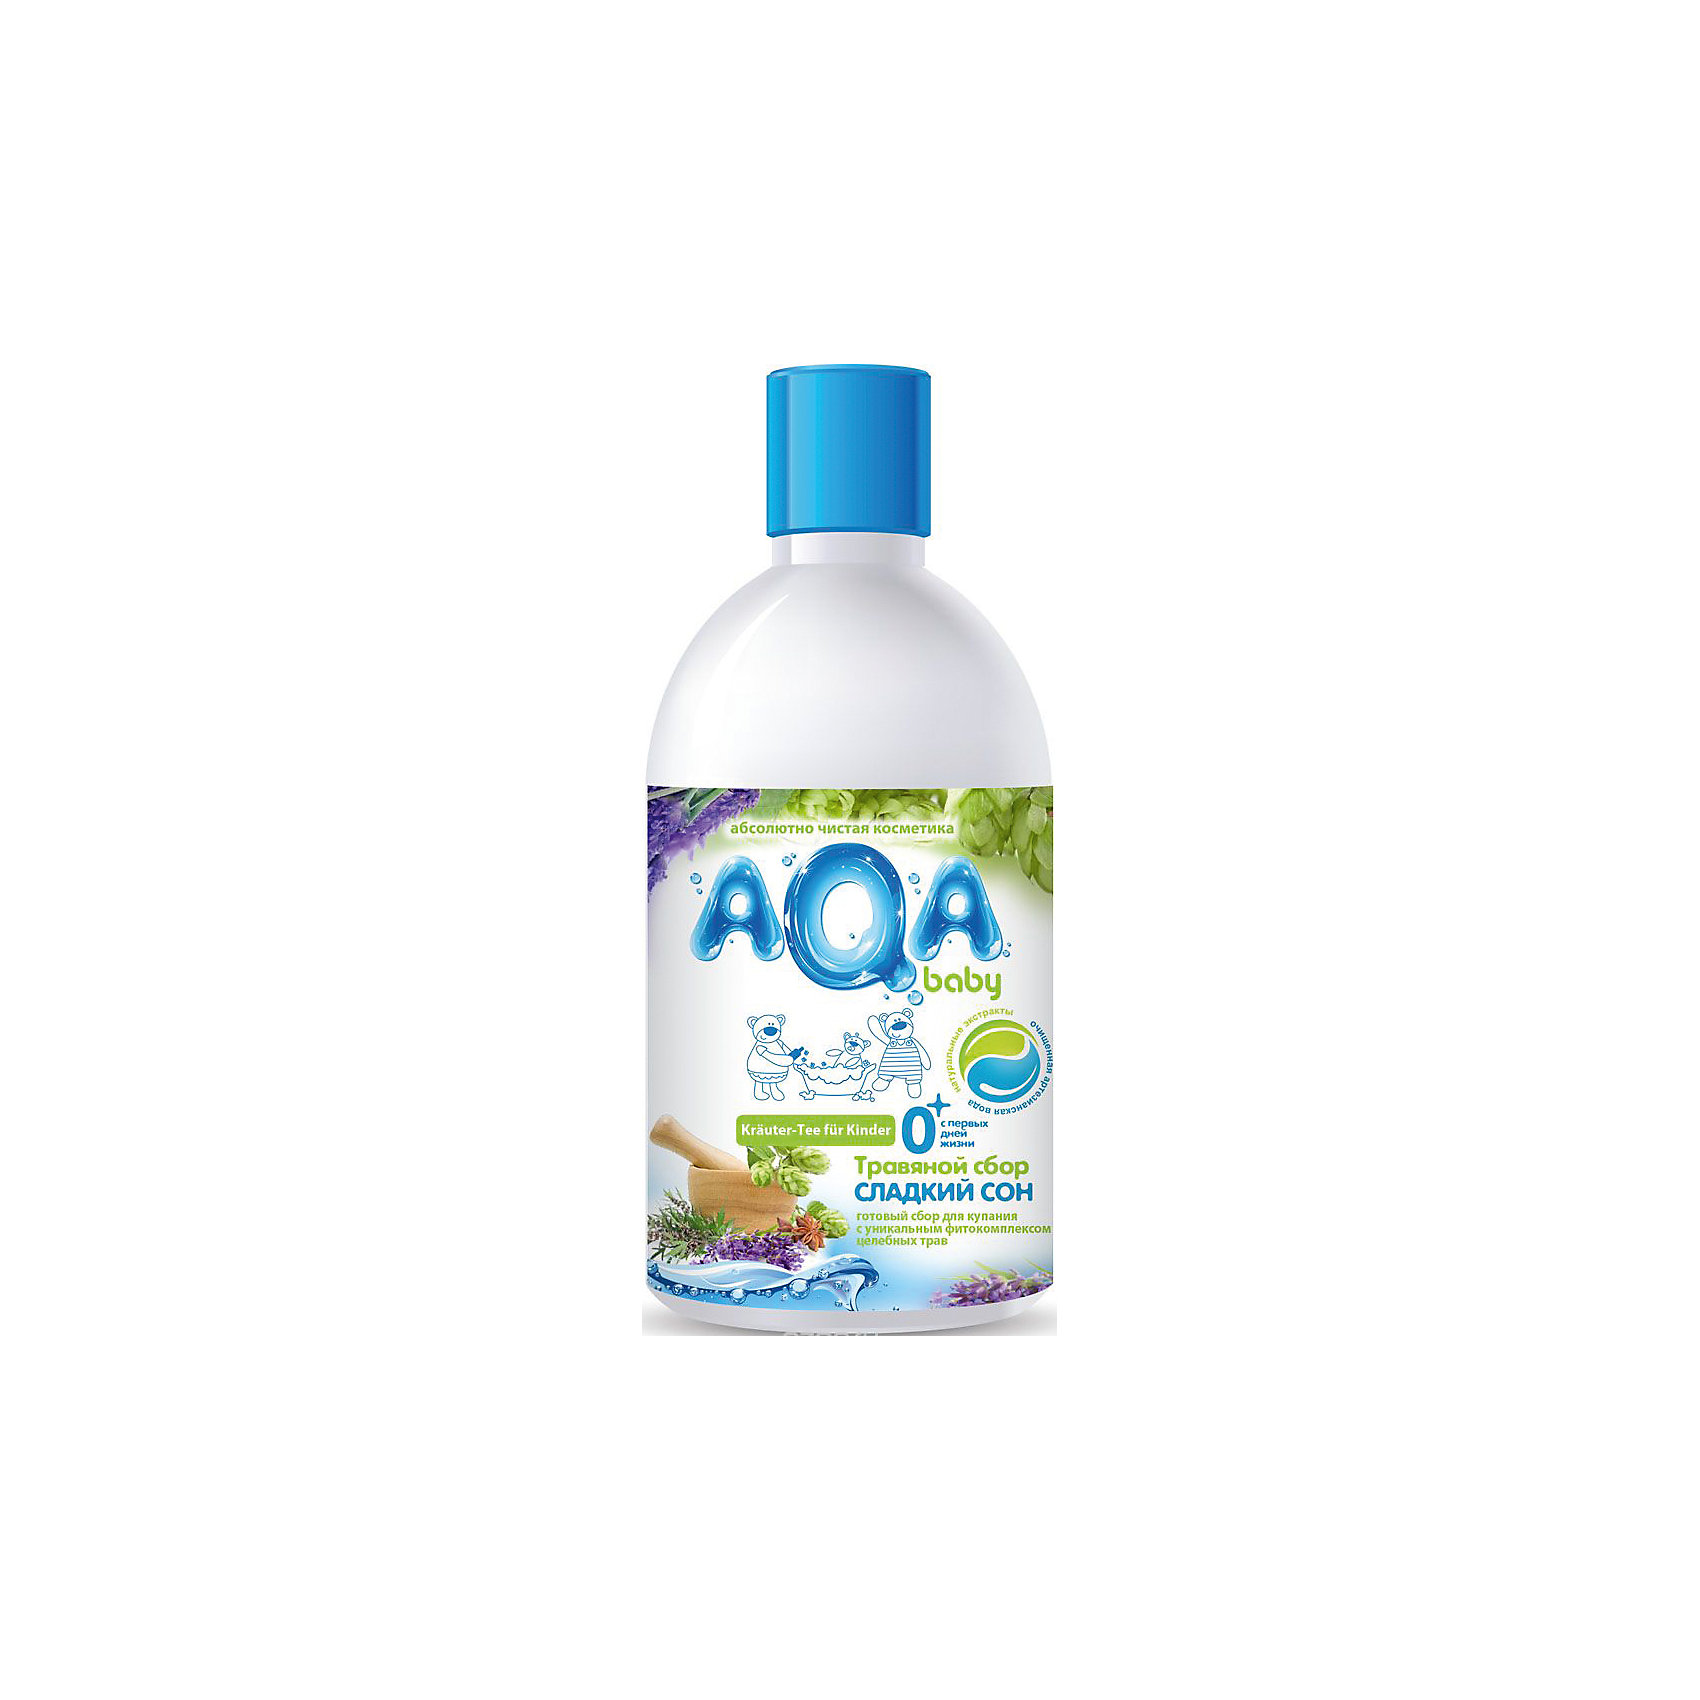 AQA baby Травяной сбор для купания малышей Сладкий сон, AQA baby, 300 мл дешевый травяной отшелушивающий крем 68г очищение пилинг угорь